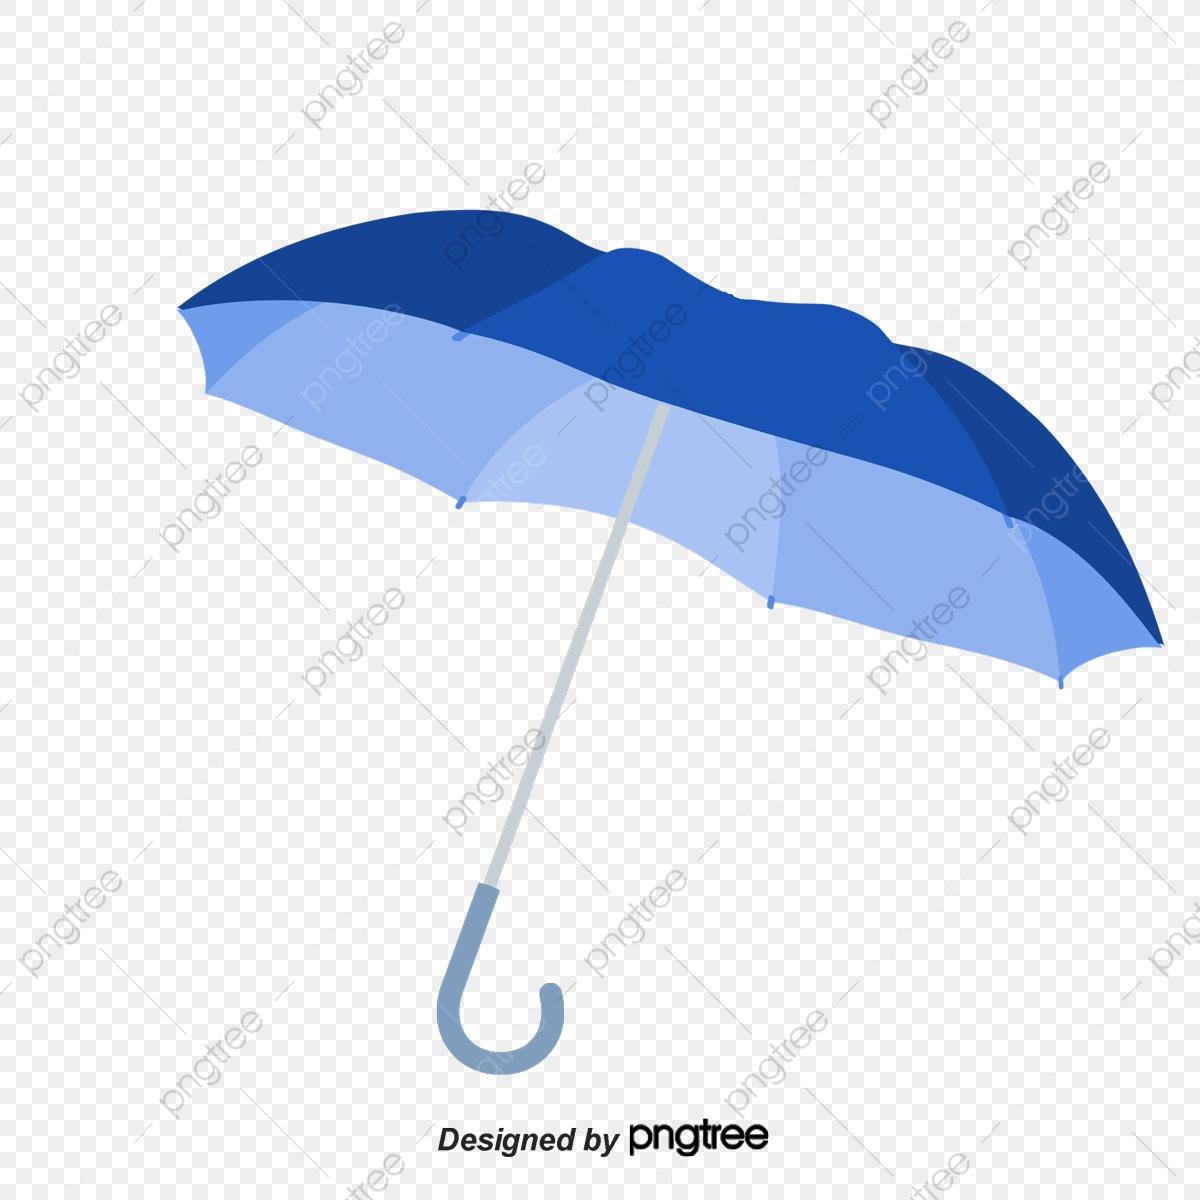 Umbrella Rain, Umbrella Vector, Rain Vector, Umbrella PNG.